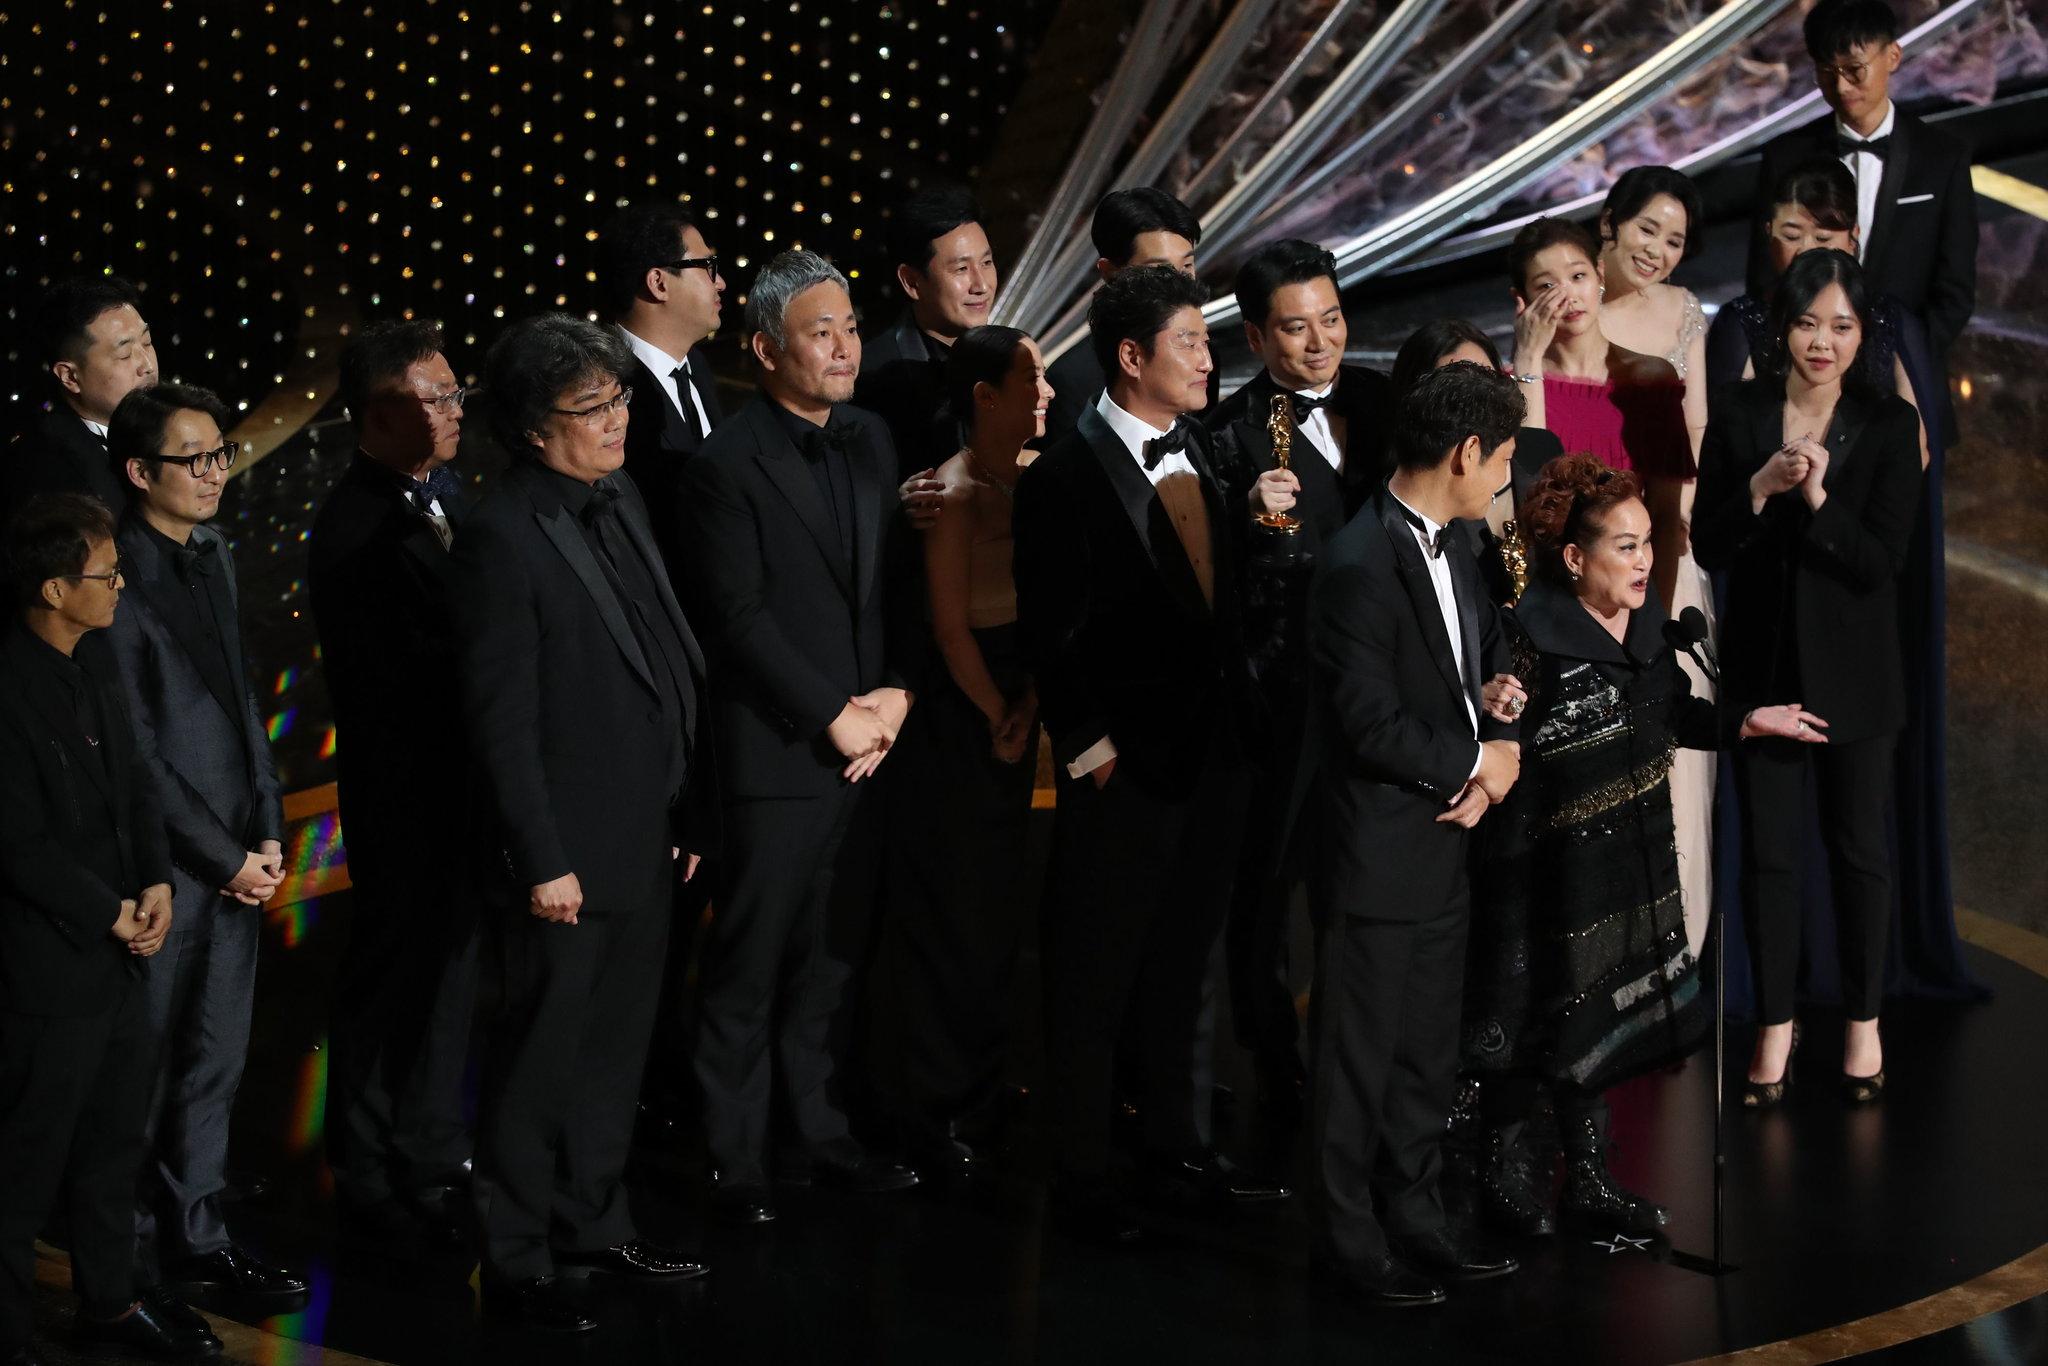 Oscar2020: बेस्ट फिल्म 'पैरासाइट' और बेस्ट एक्टर अवार्ड 'जोकर' के नाम, पढ़िए किस फिल्म, कलाकार को मिला कौन-सा अवॉर्ड